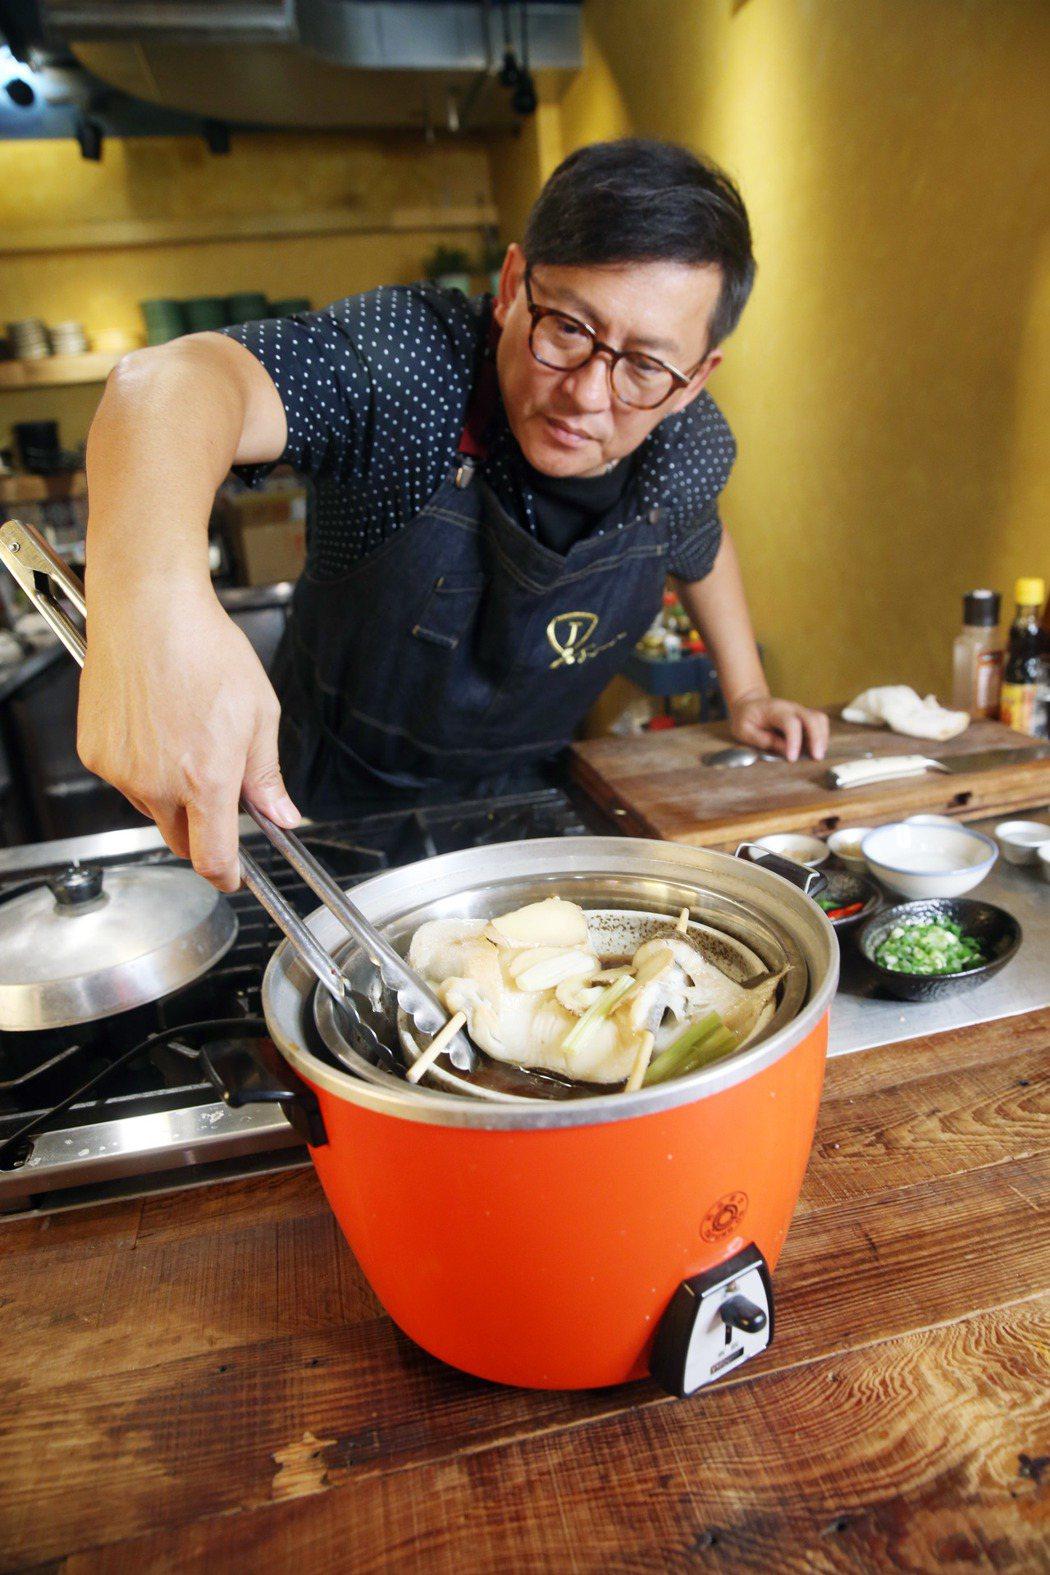 詹姆士利用層架一次蒸熟兩道菜。記者邱德祥/攝影